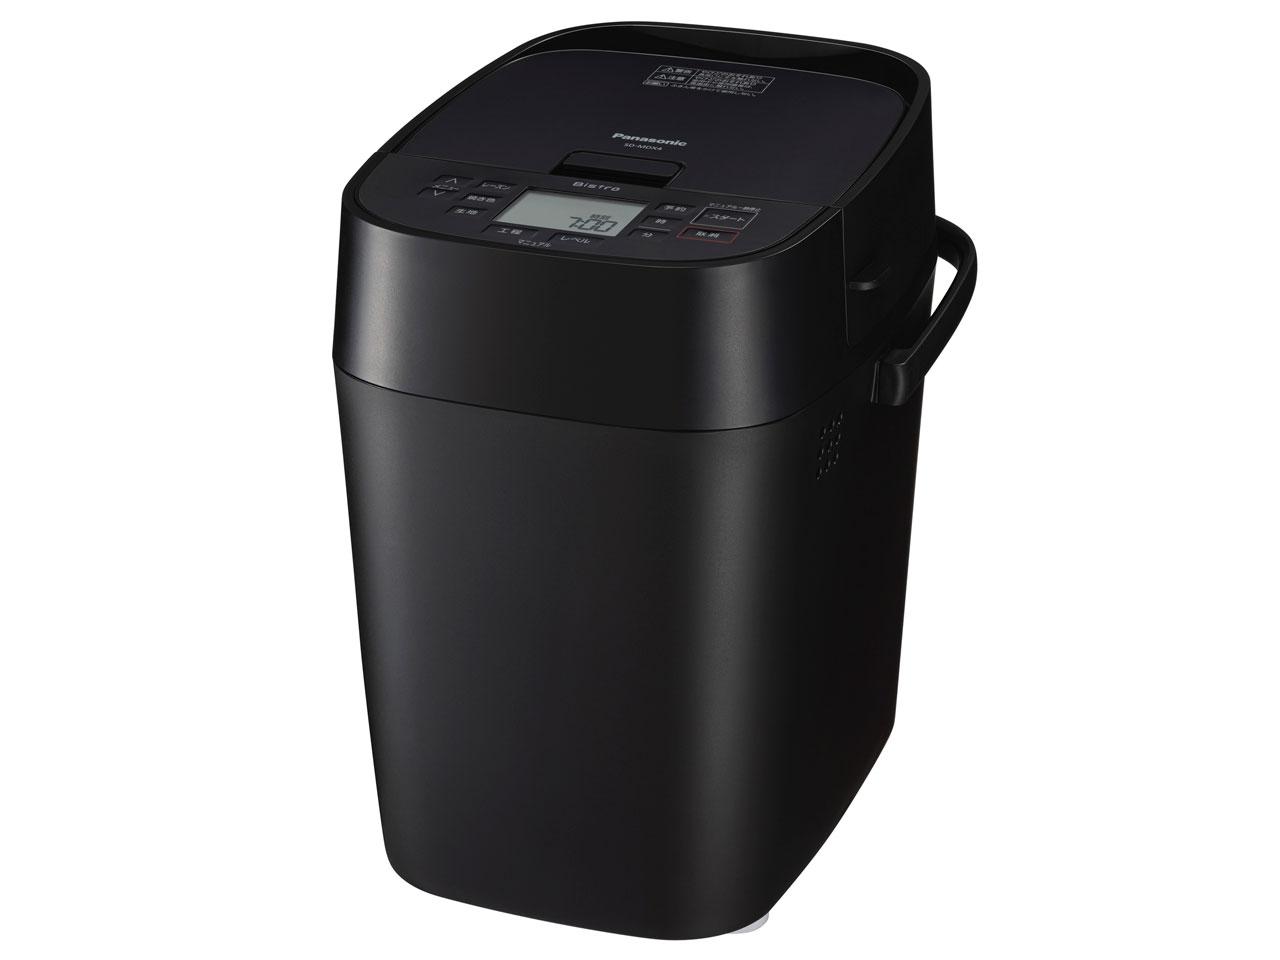 商品サイズ:100.00 キャンセル 返品不可商品 在庫一掃 Panasonic ビストロ 5~7週程度見込み お取り寄せ 発送 での入荷 SD-MDX4 激安☆超特価